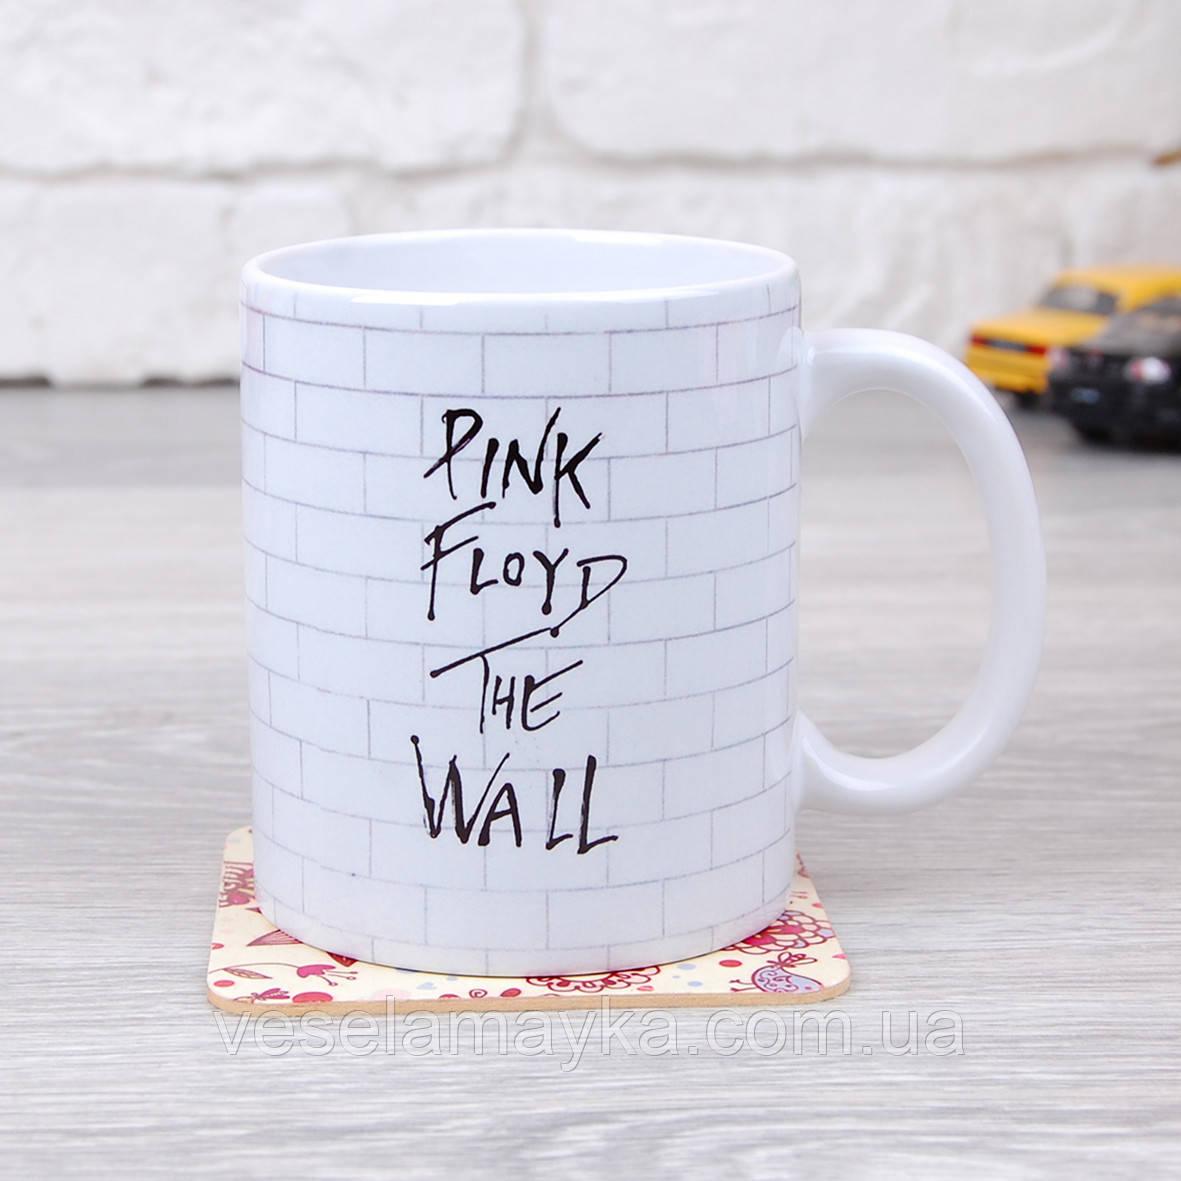 """Чашка Pink Floyd """"The Wall"""""""